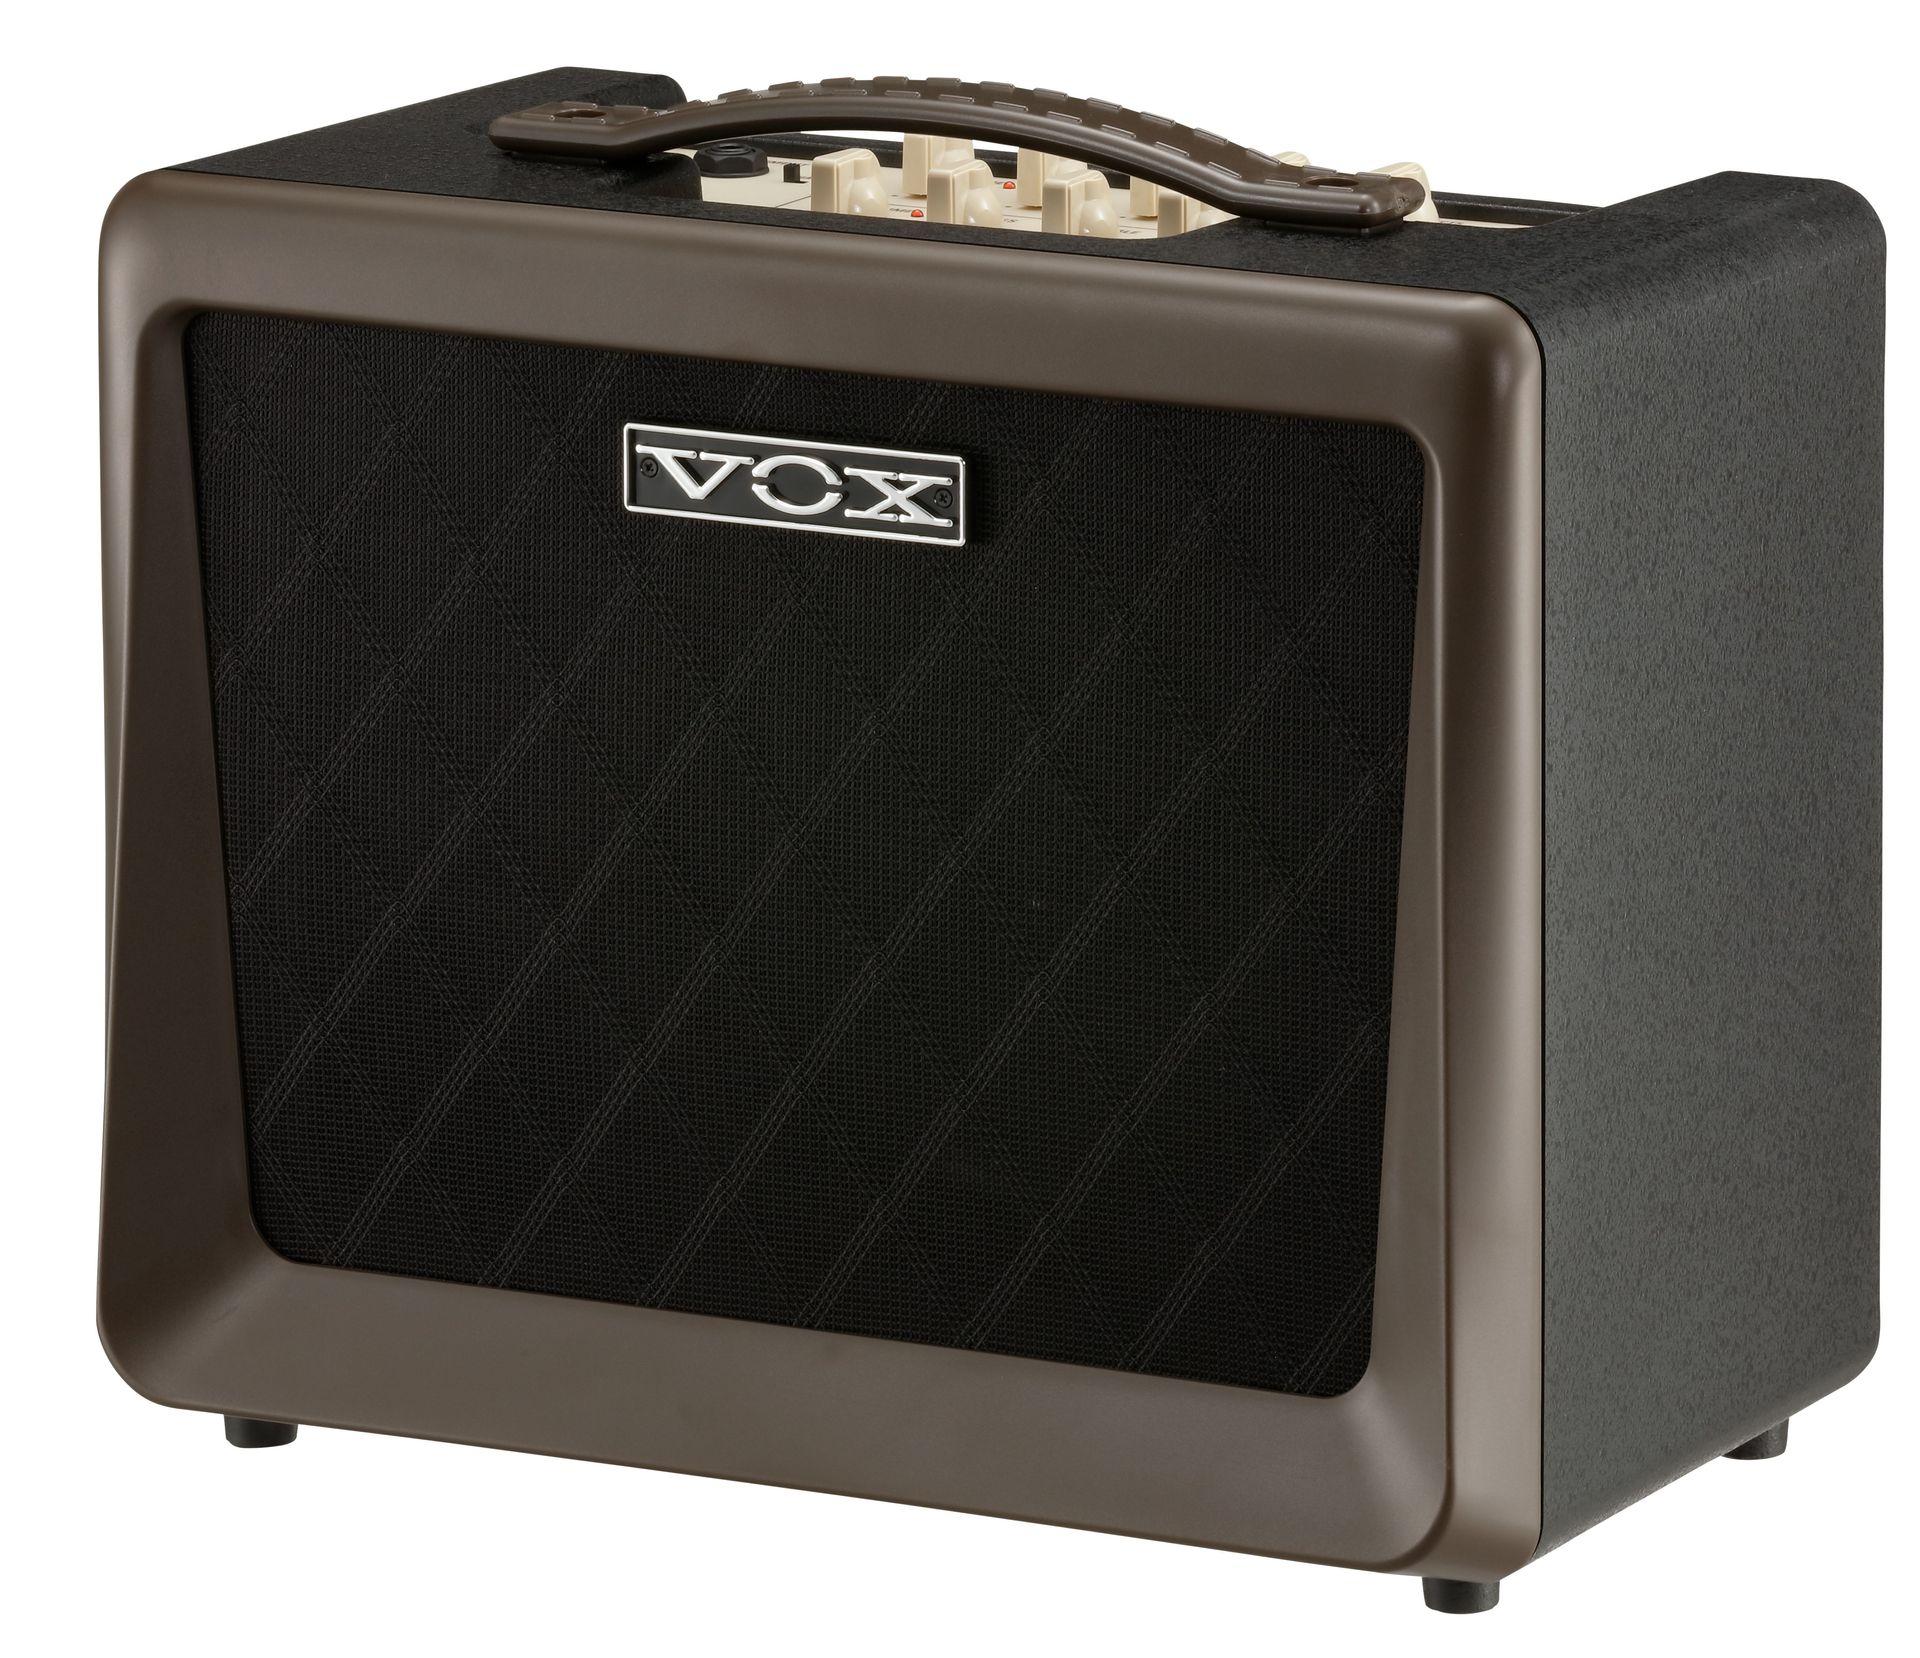 VOX VX50AG 50 Watt Akustik Verstärker